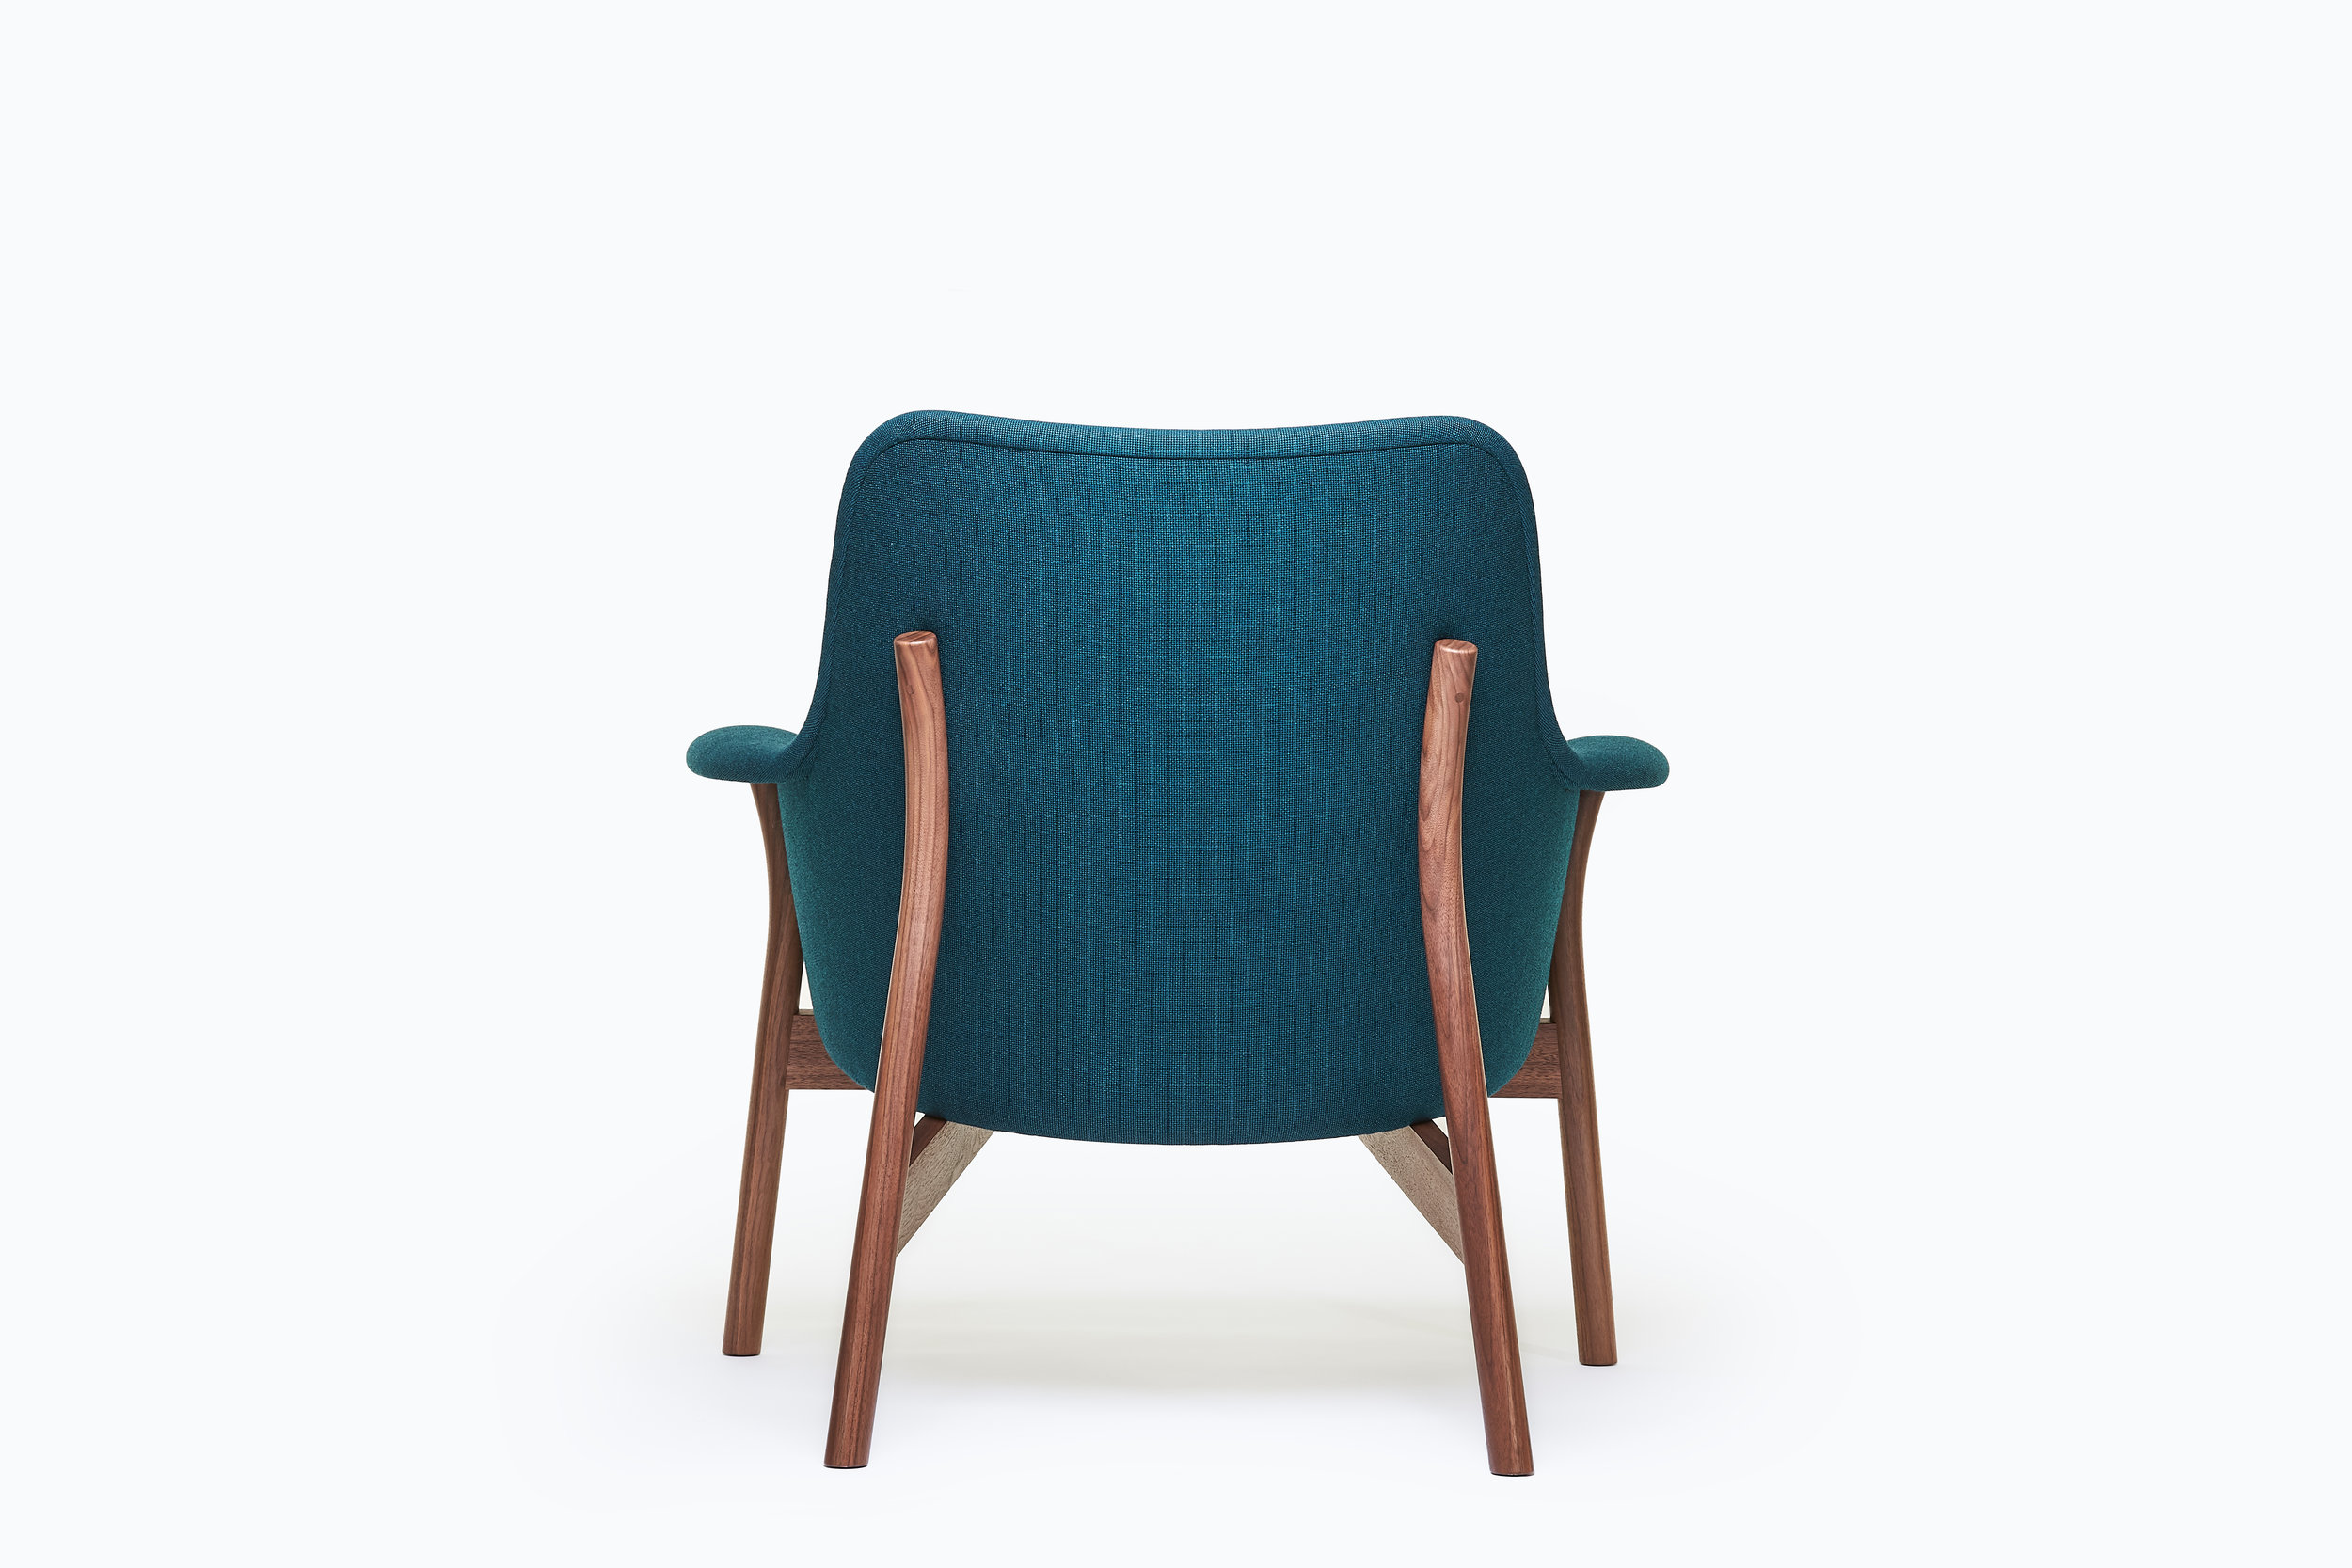 Award winning Oxbow lounge chair